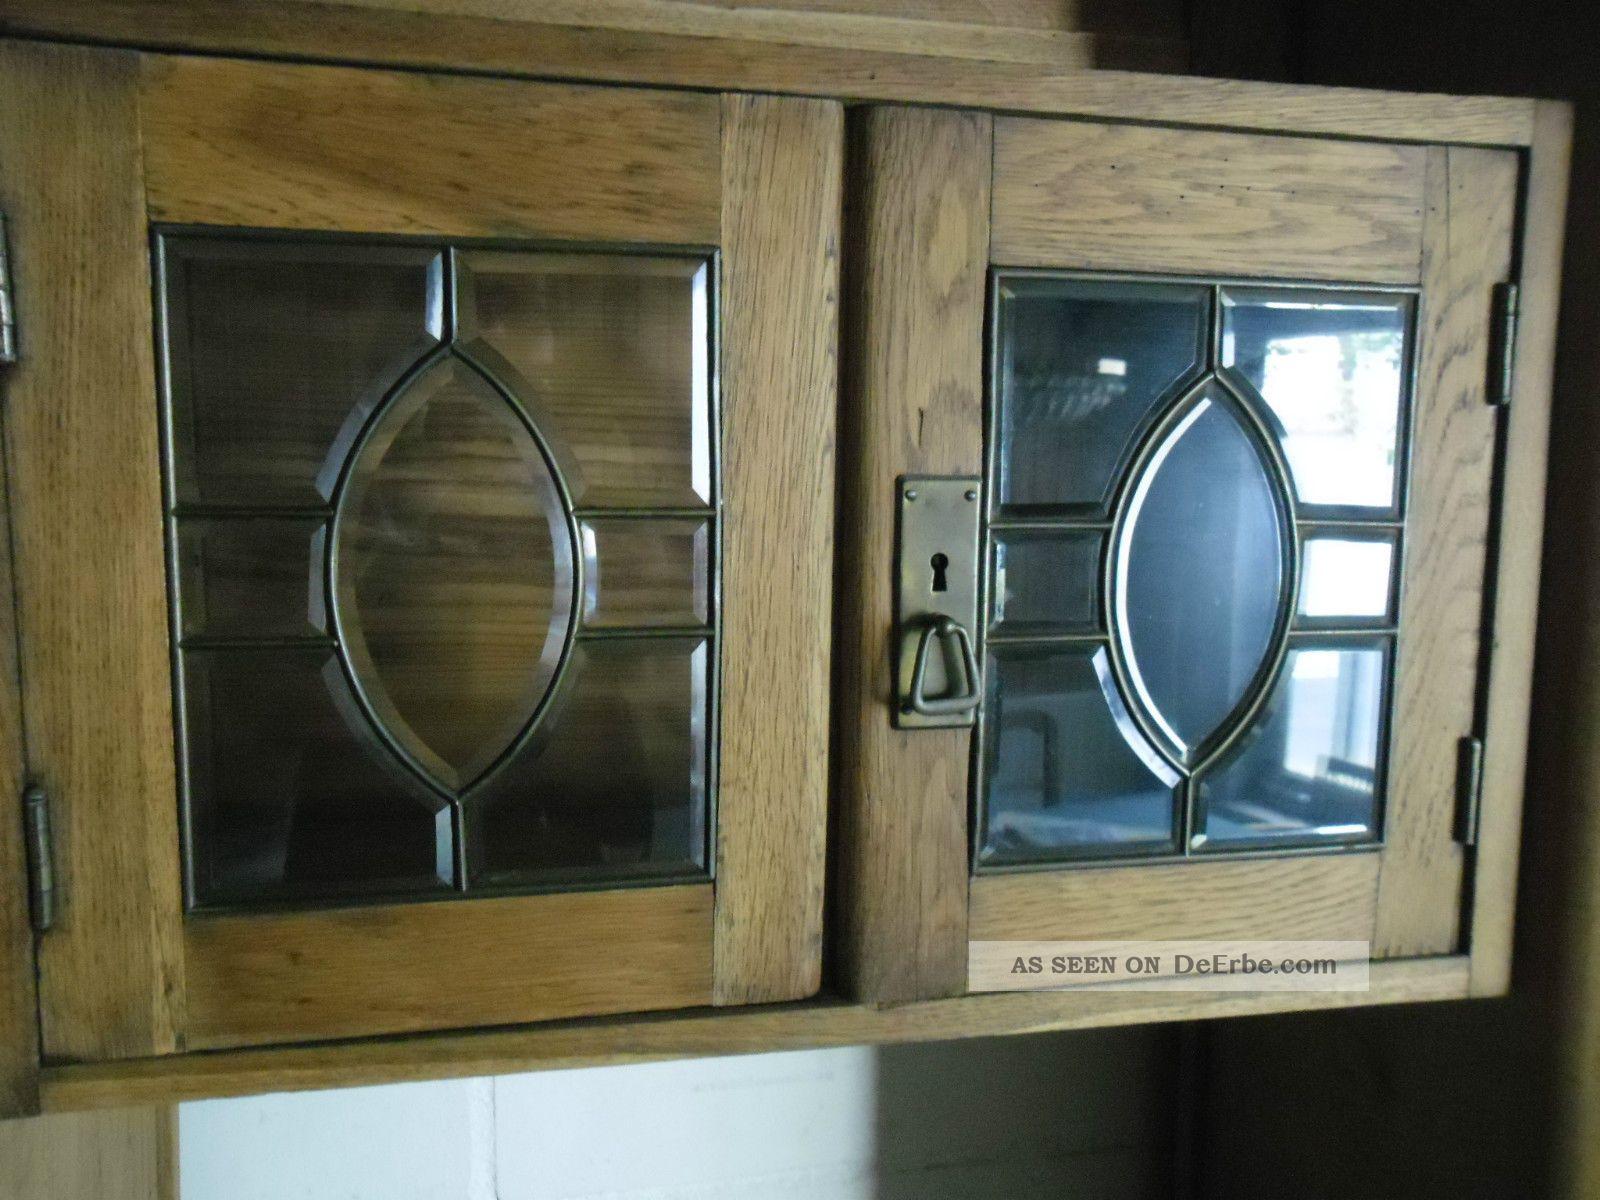 Full Size of Küchenanrichte Kchenanrichte Kchenbffet Kchenschrank Mit Aufsatz Eiche Wohnzimmer Küchenanrichte